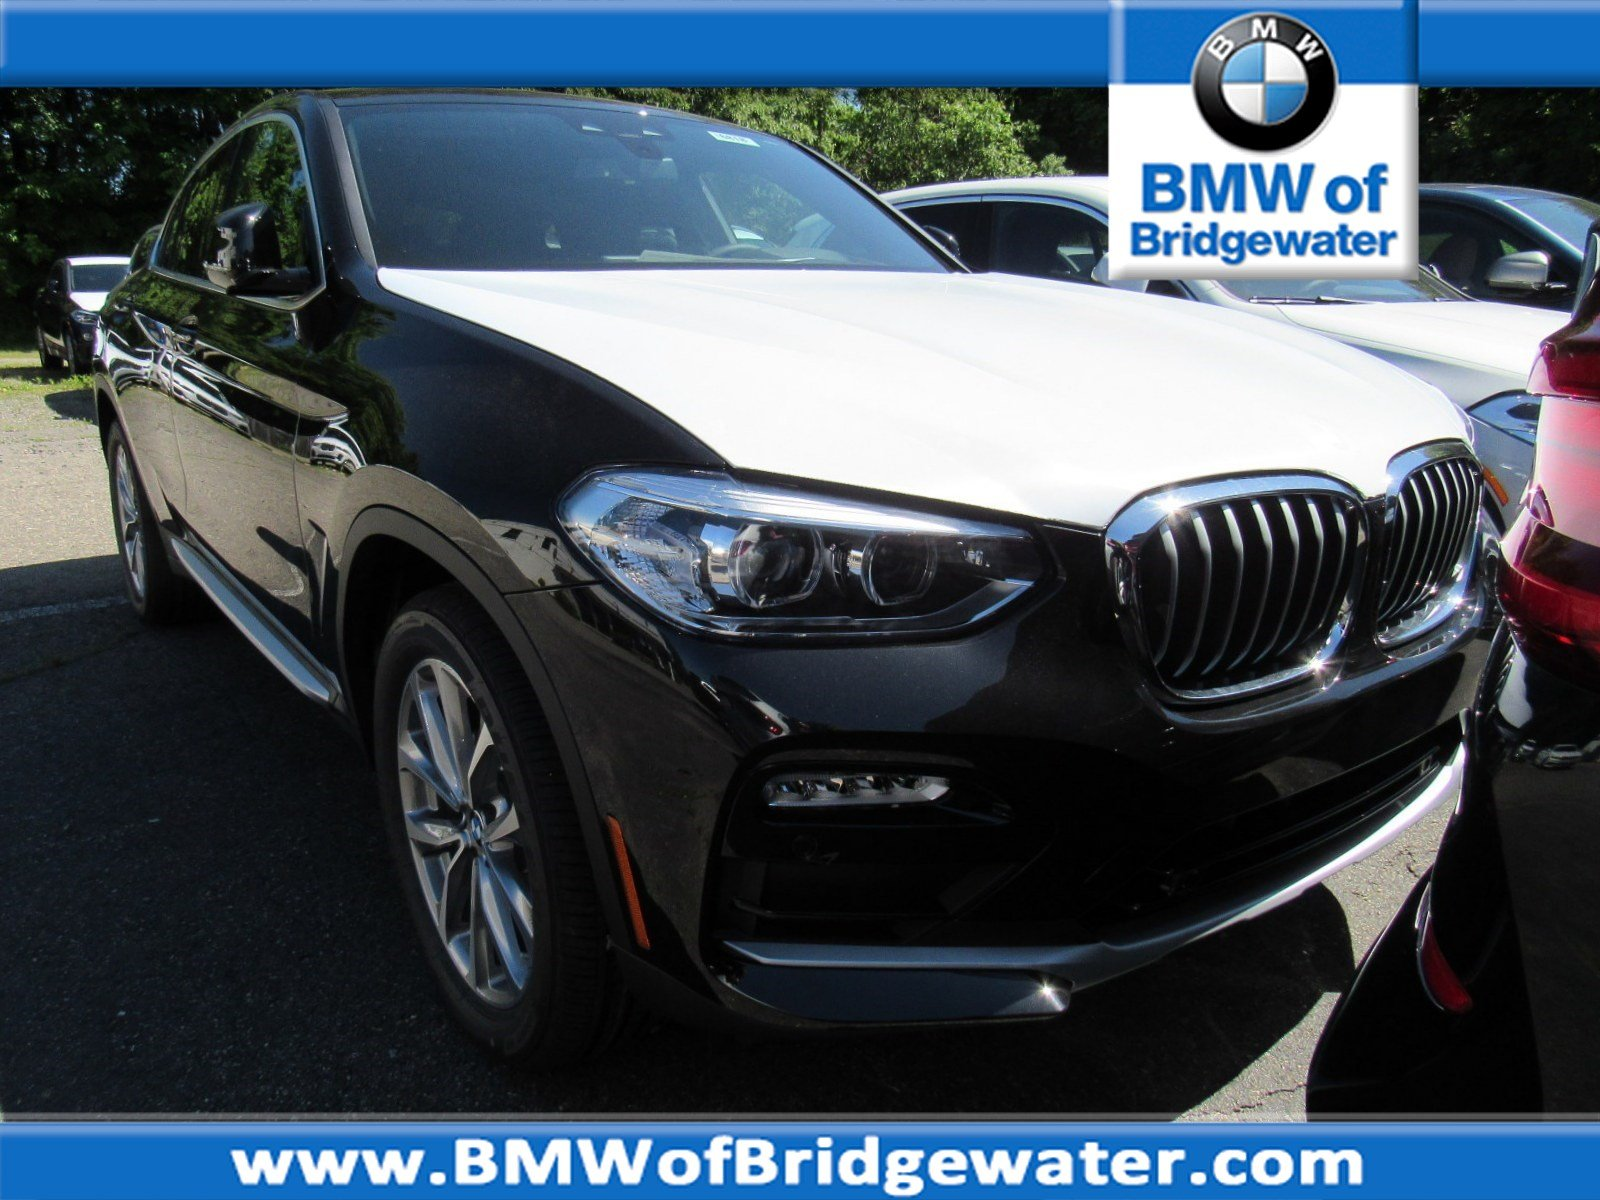 2019 BMW X4 For Sale in Bridgewater NJ | BMW of Bridgewater